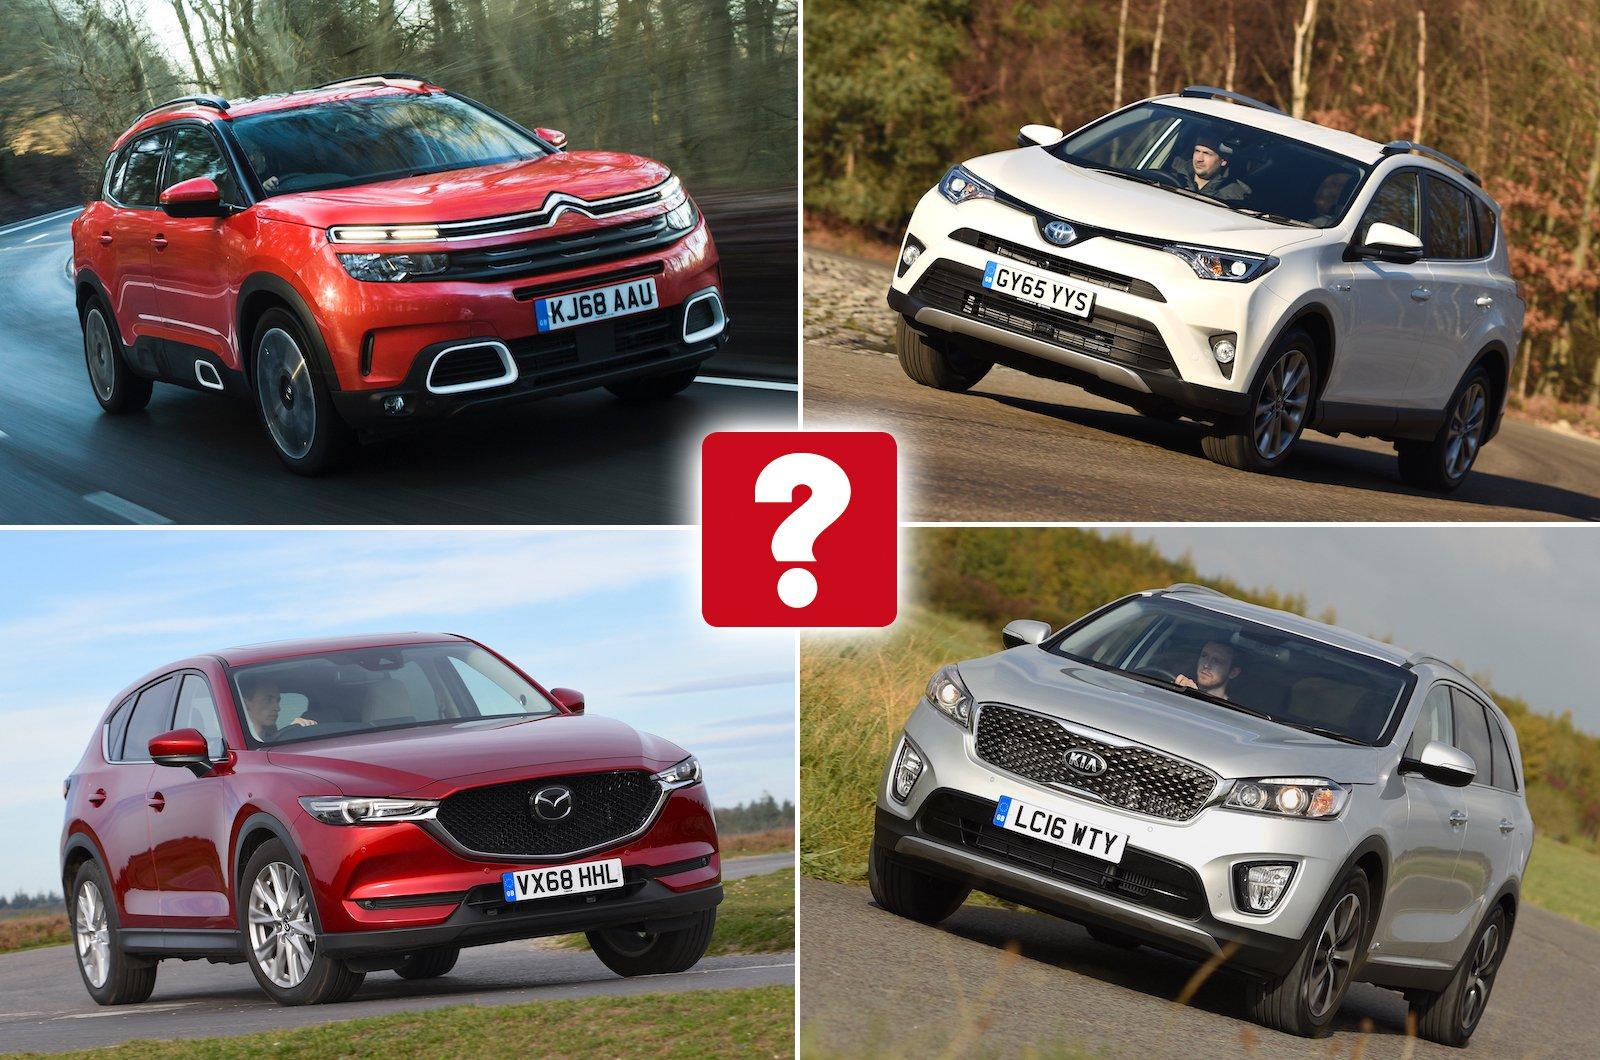 I migliori SUV di grandi dimensioni usati per meno di £ 20.000